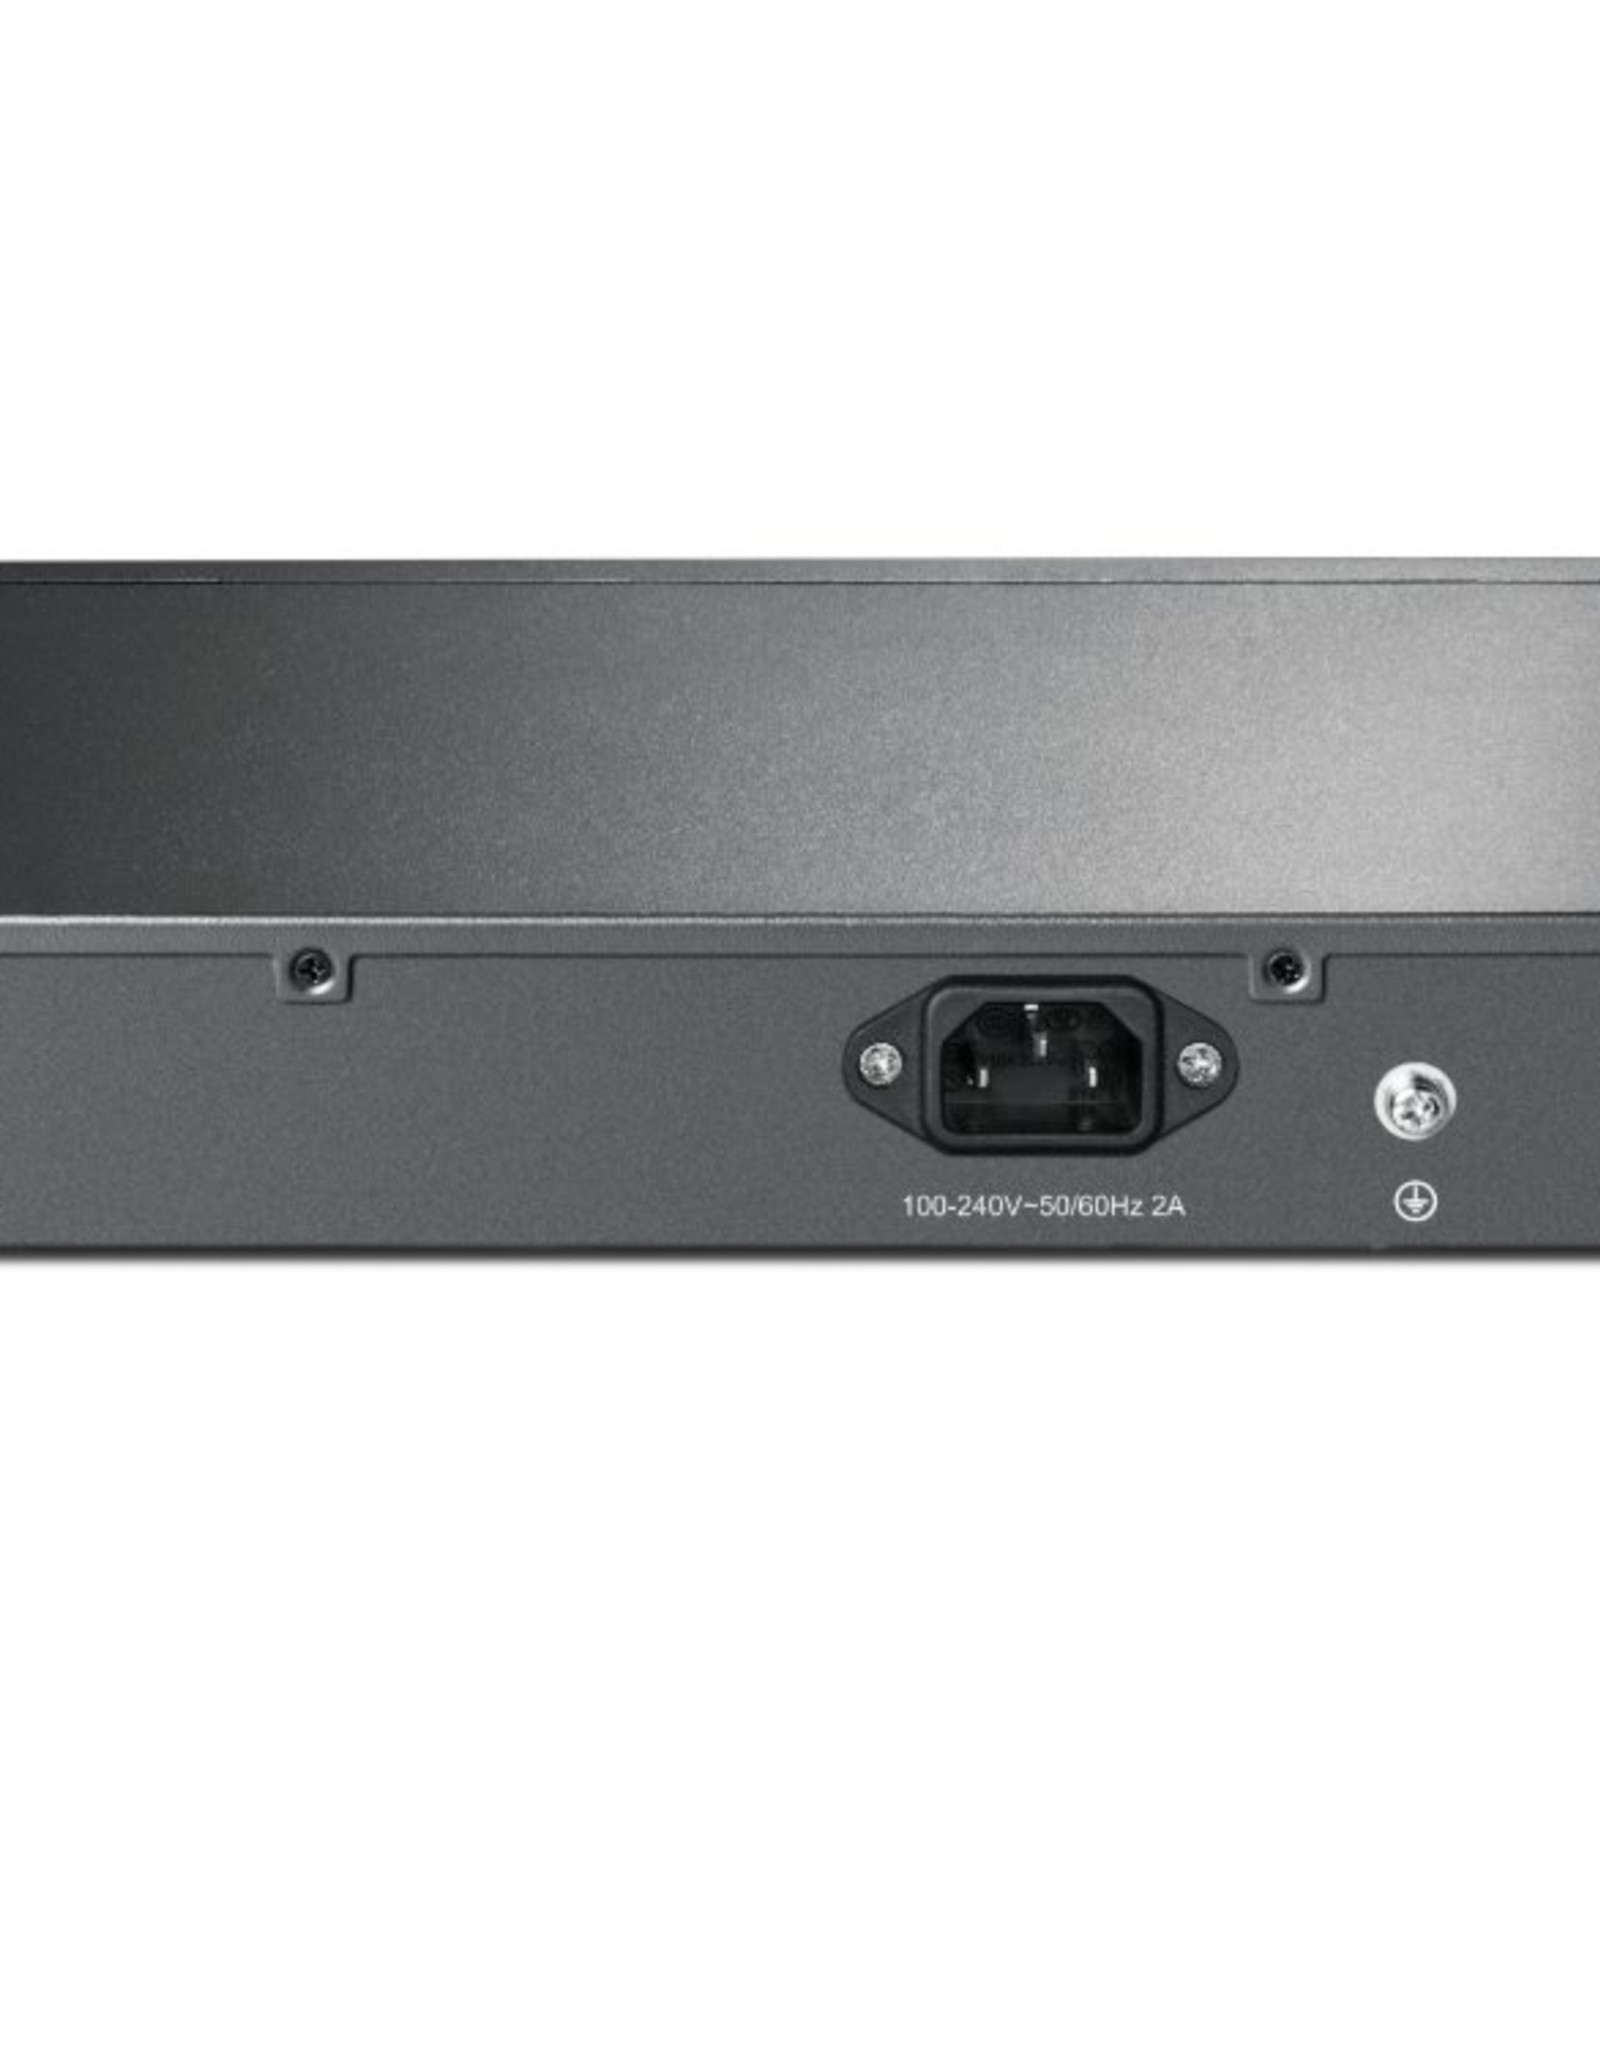 TP-LINK TL-SG1008MP Unmanaged Gigabit Ethernet (10/100/1000)